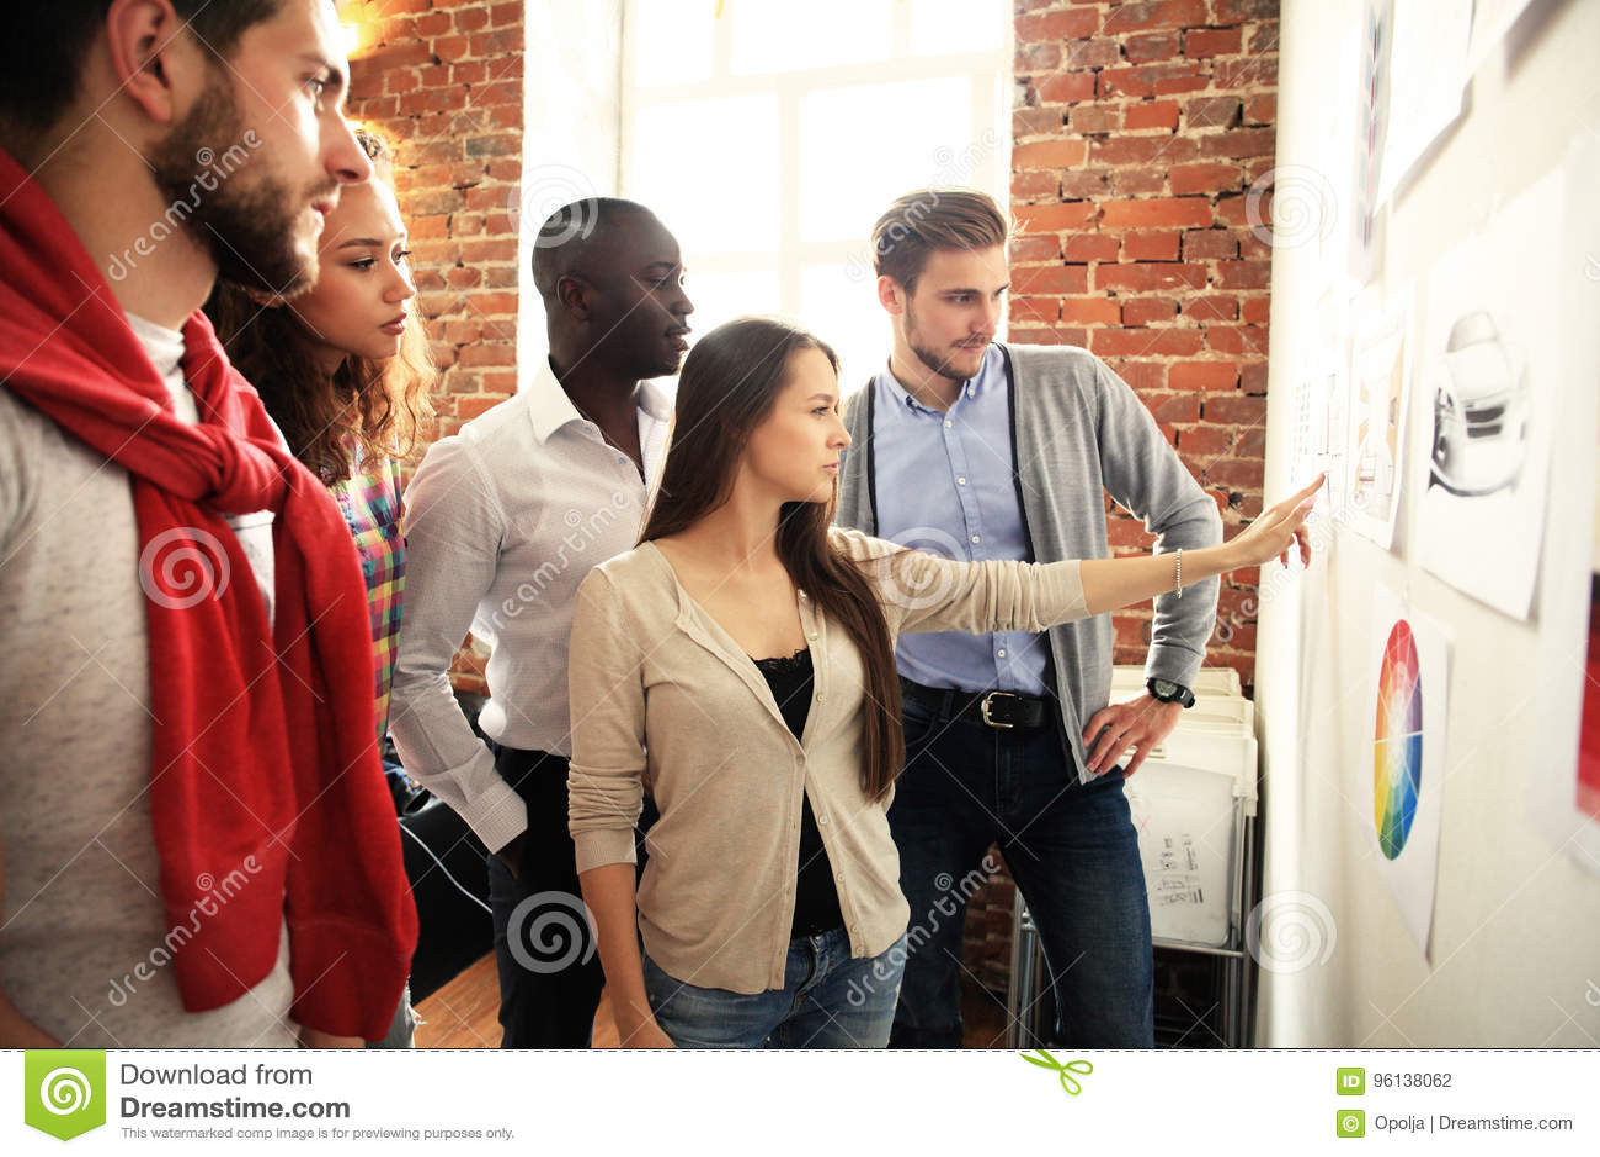 Samarbete är en tangent till bästa resultat Grupp av ungt modernt folk i smart för planläggningsaffär för tillfälliga kläder stra